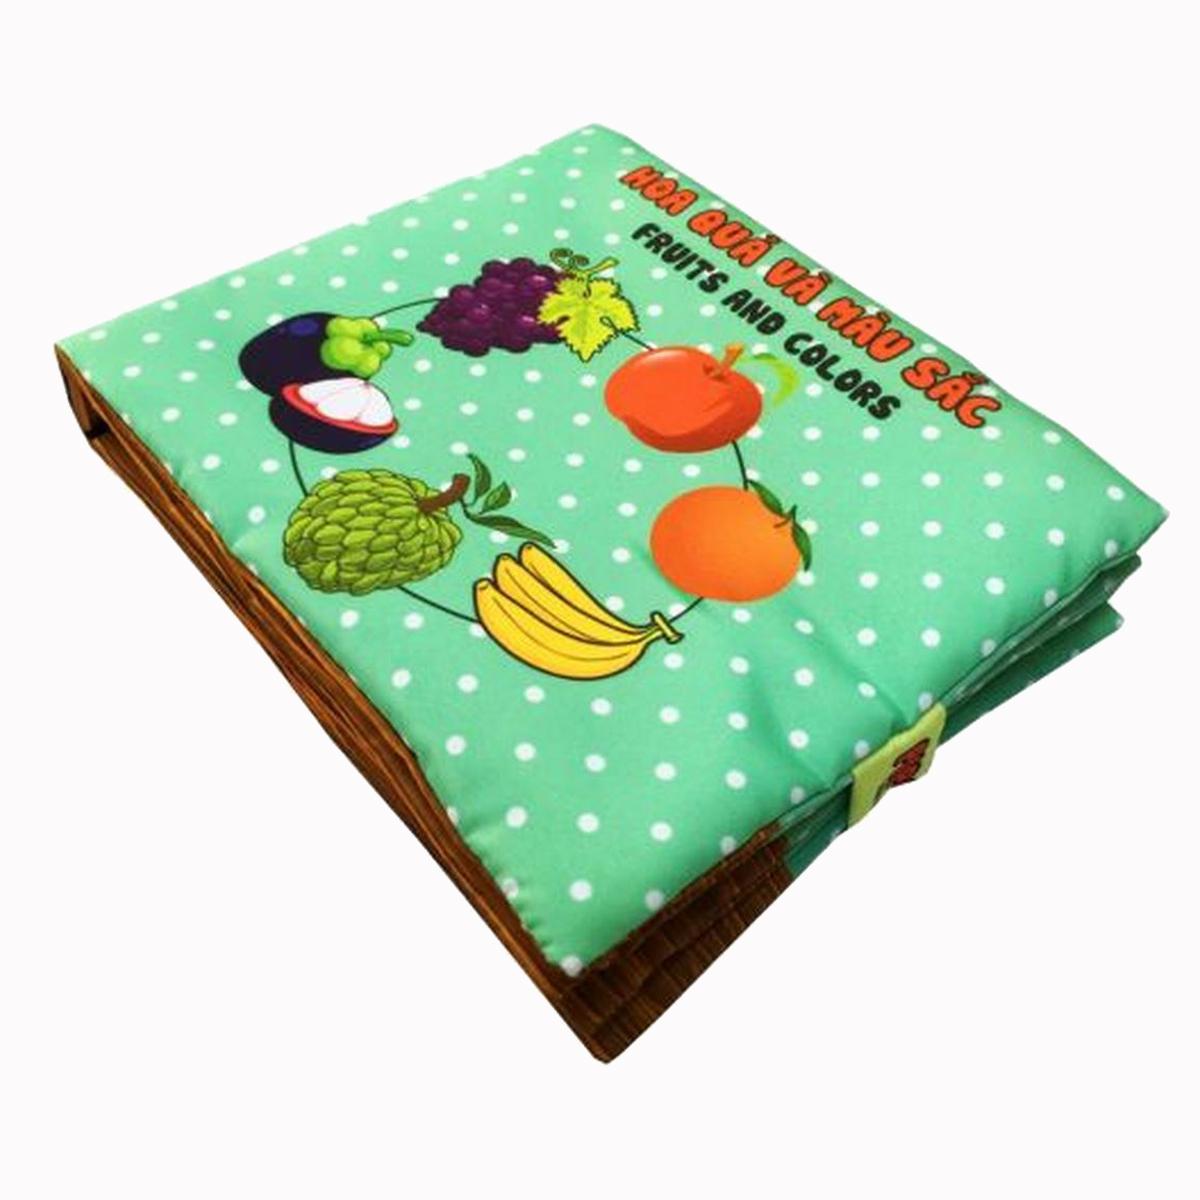 Sách vải hoa quả là sản phẩm làm bằng chất liệu vải có chức năng như một đồ chơi nhiều màu sắc lại có nhiều kiến thức cho bé học tập cùng ba mẹ. Sách có kích thước 18 x18 cm, nặng 300 gr, bé dễ cầm nắm và cũng dễ giặt. đang được bán với giá 123.000 đồng.